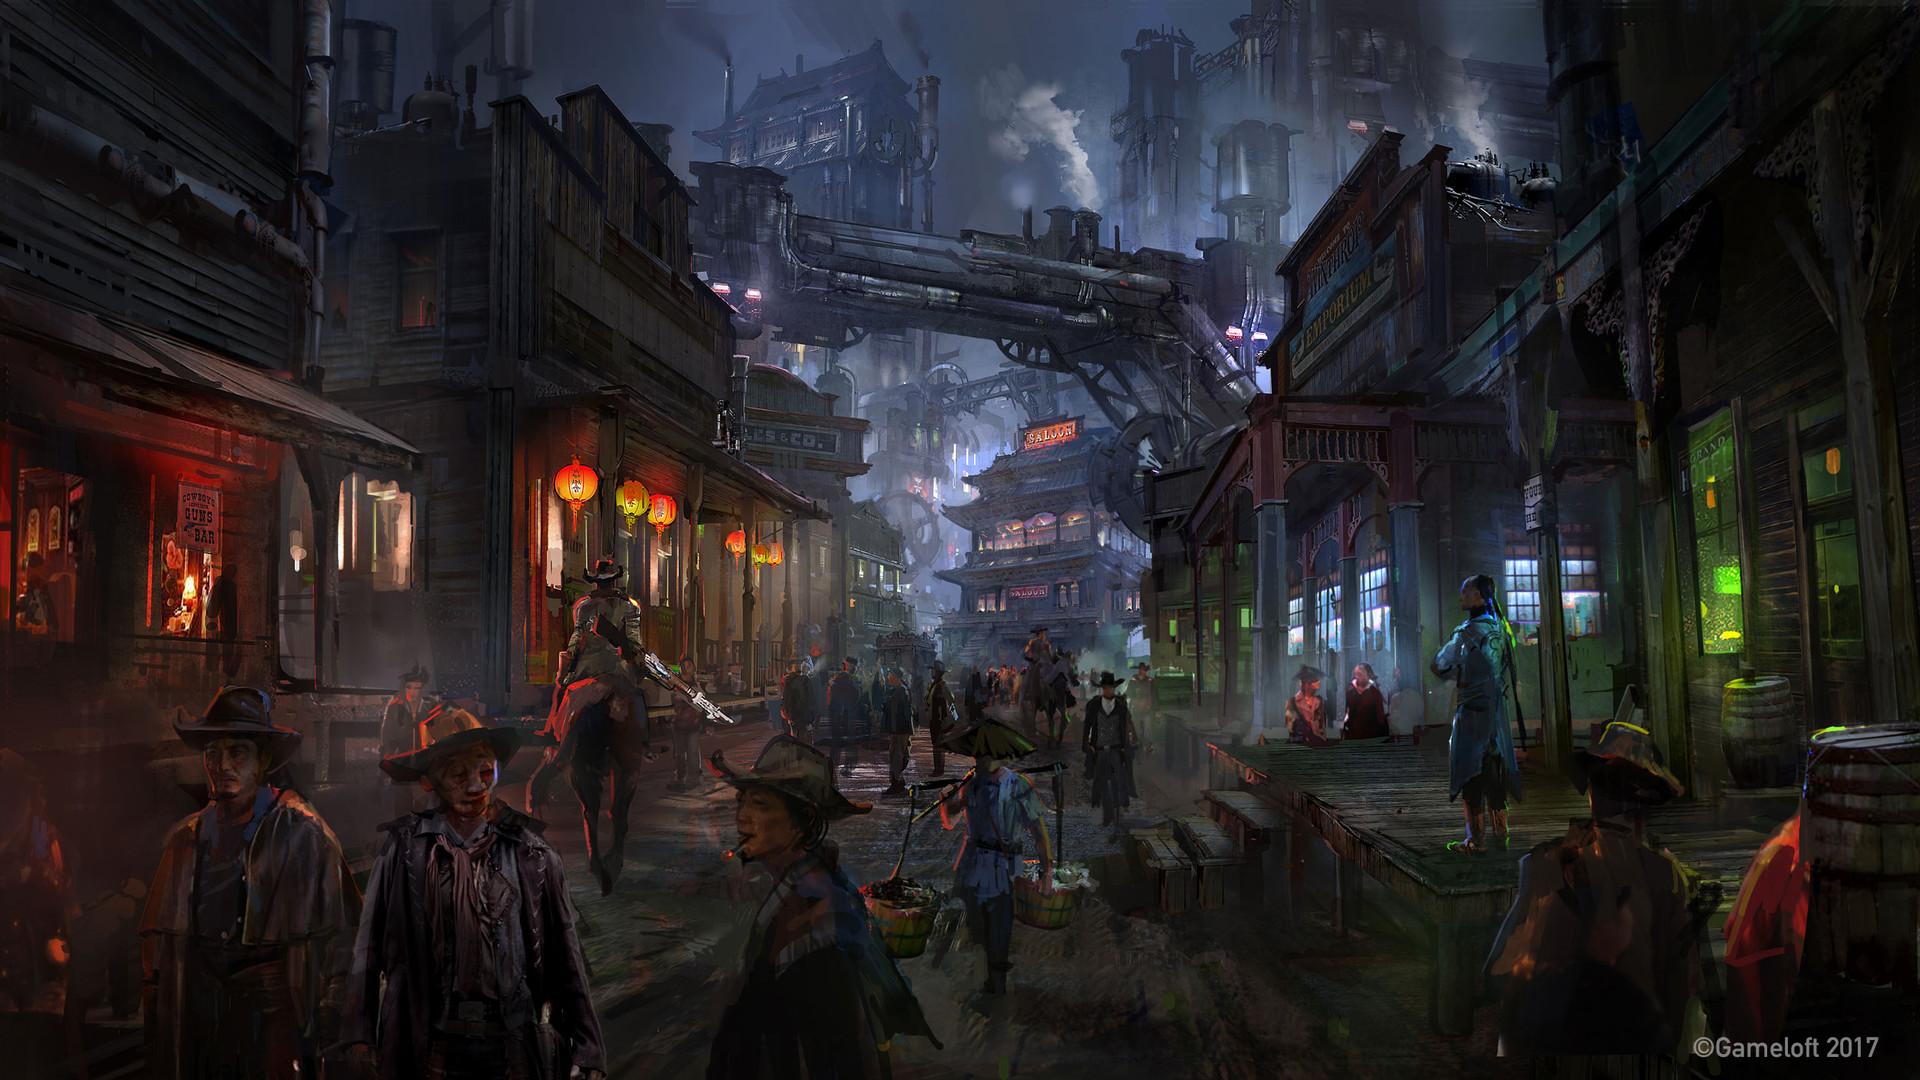 Thomas brissot enviro chinatown